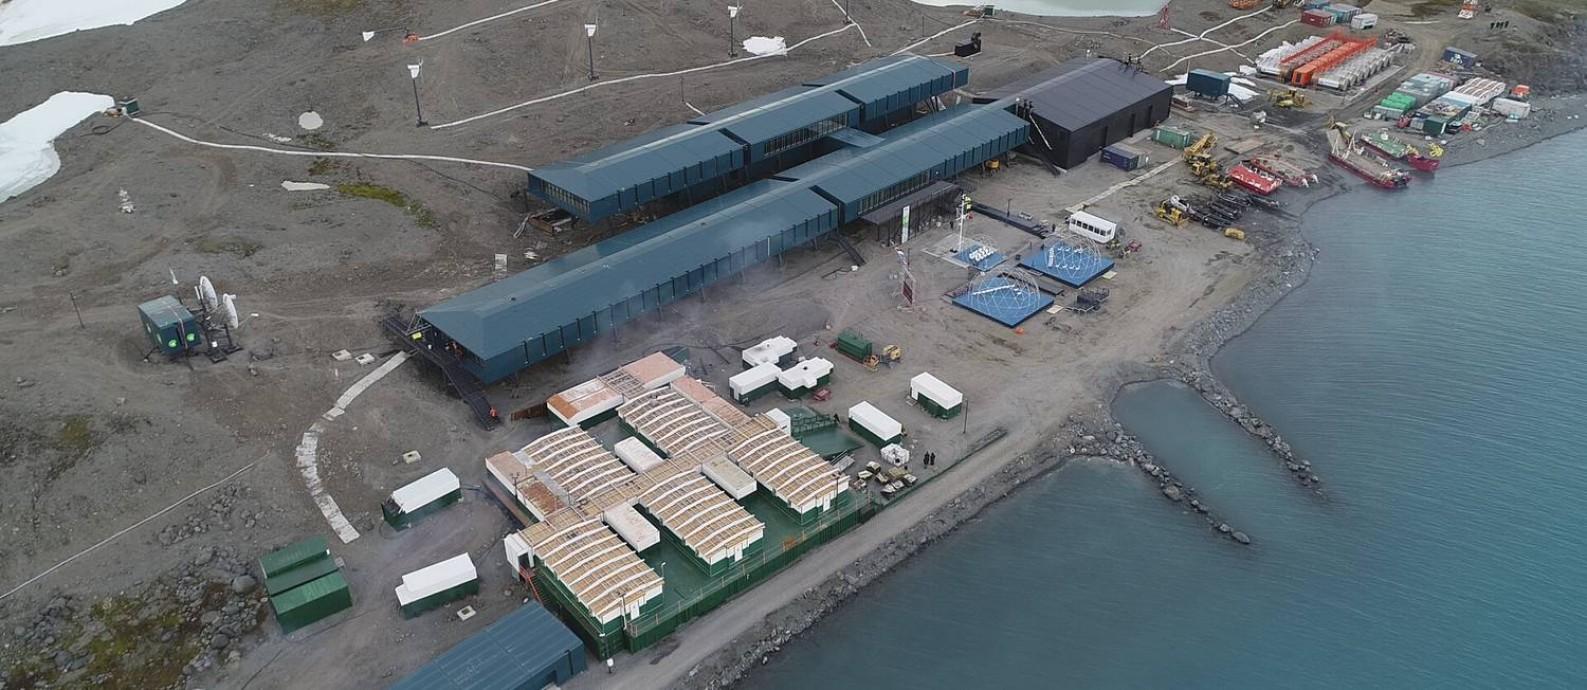 Nova estrutura da Estação Comandante Ferraz tem 17 laboratórios e custou R$ 400 milhões Foto: Elcio Braga / Agência O Globo